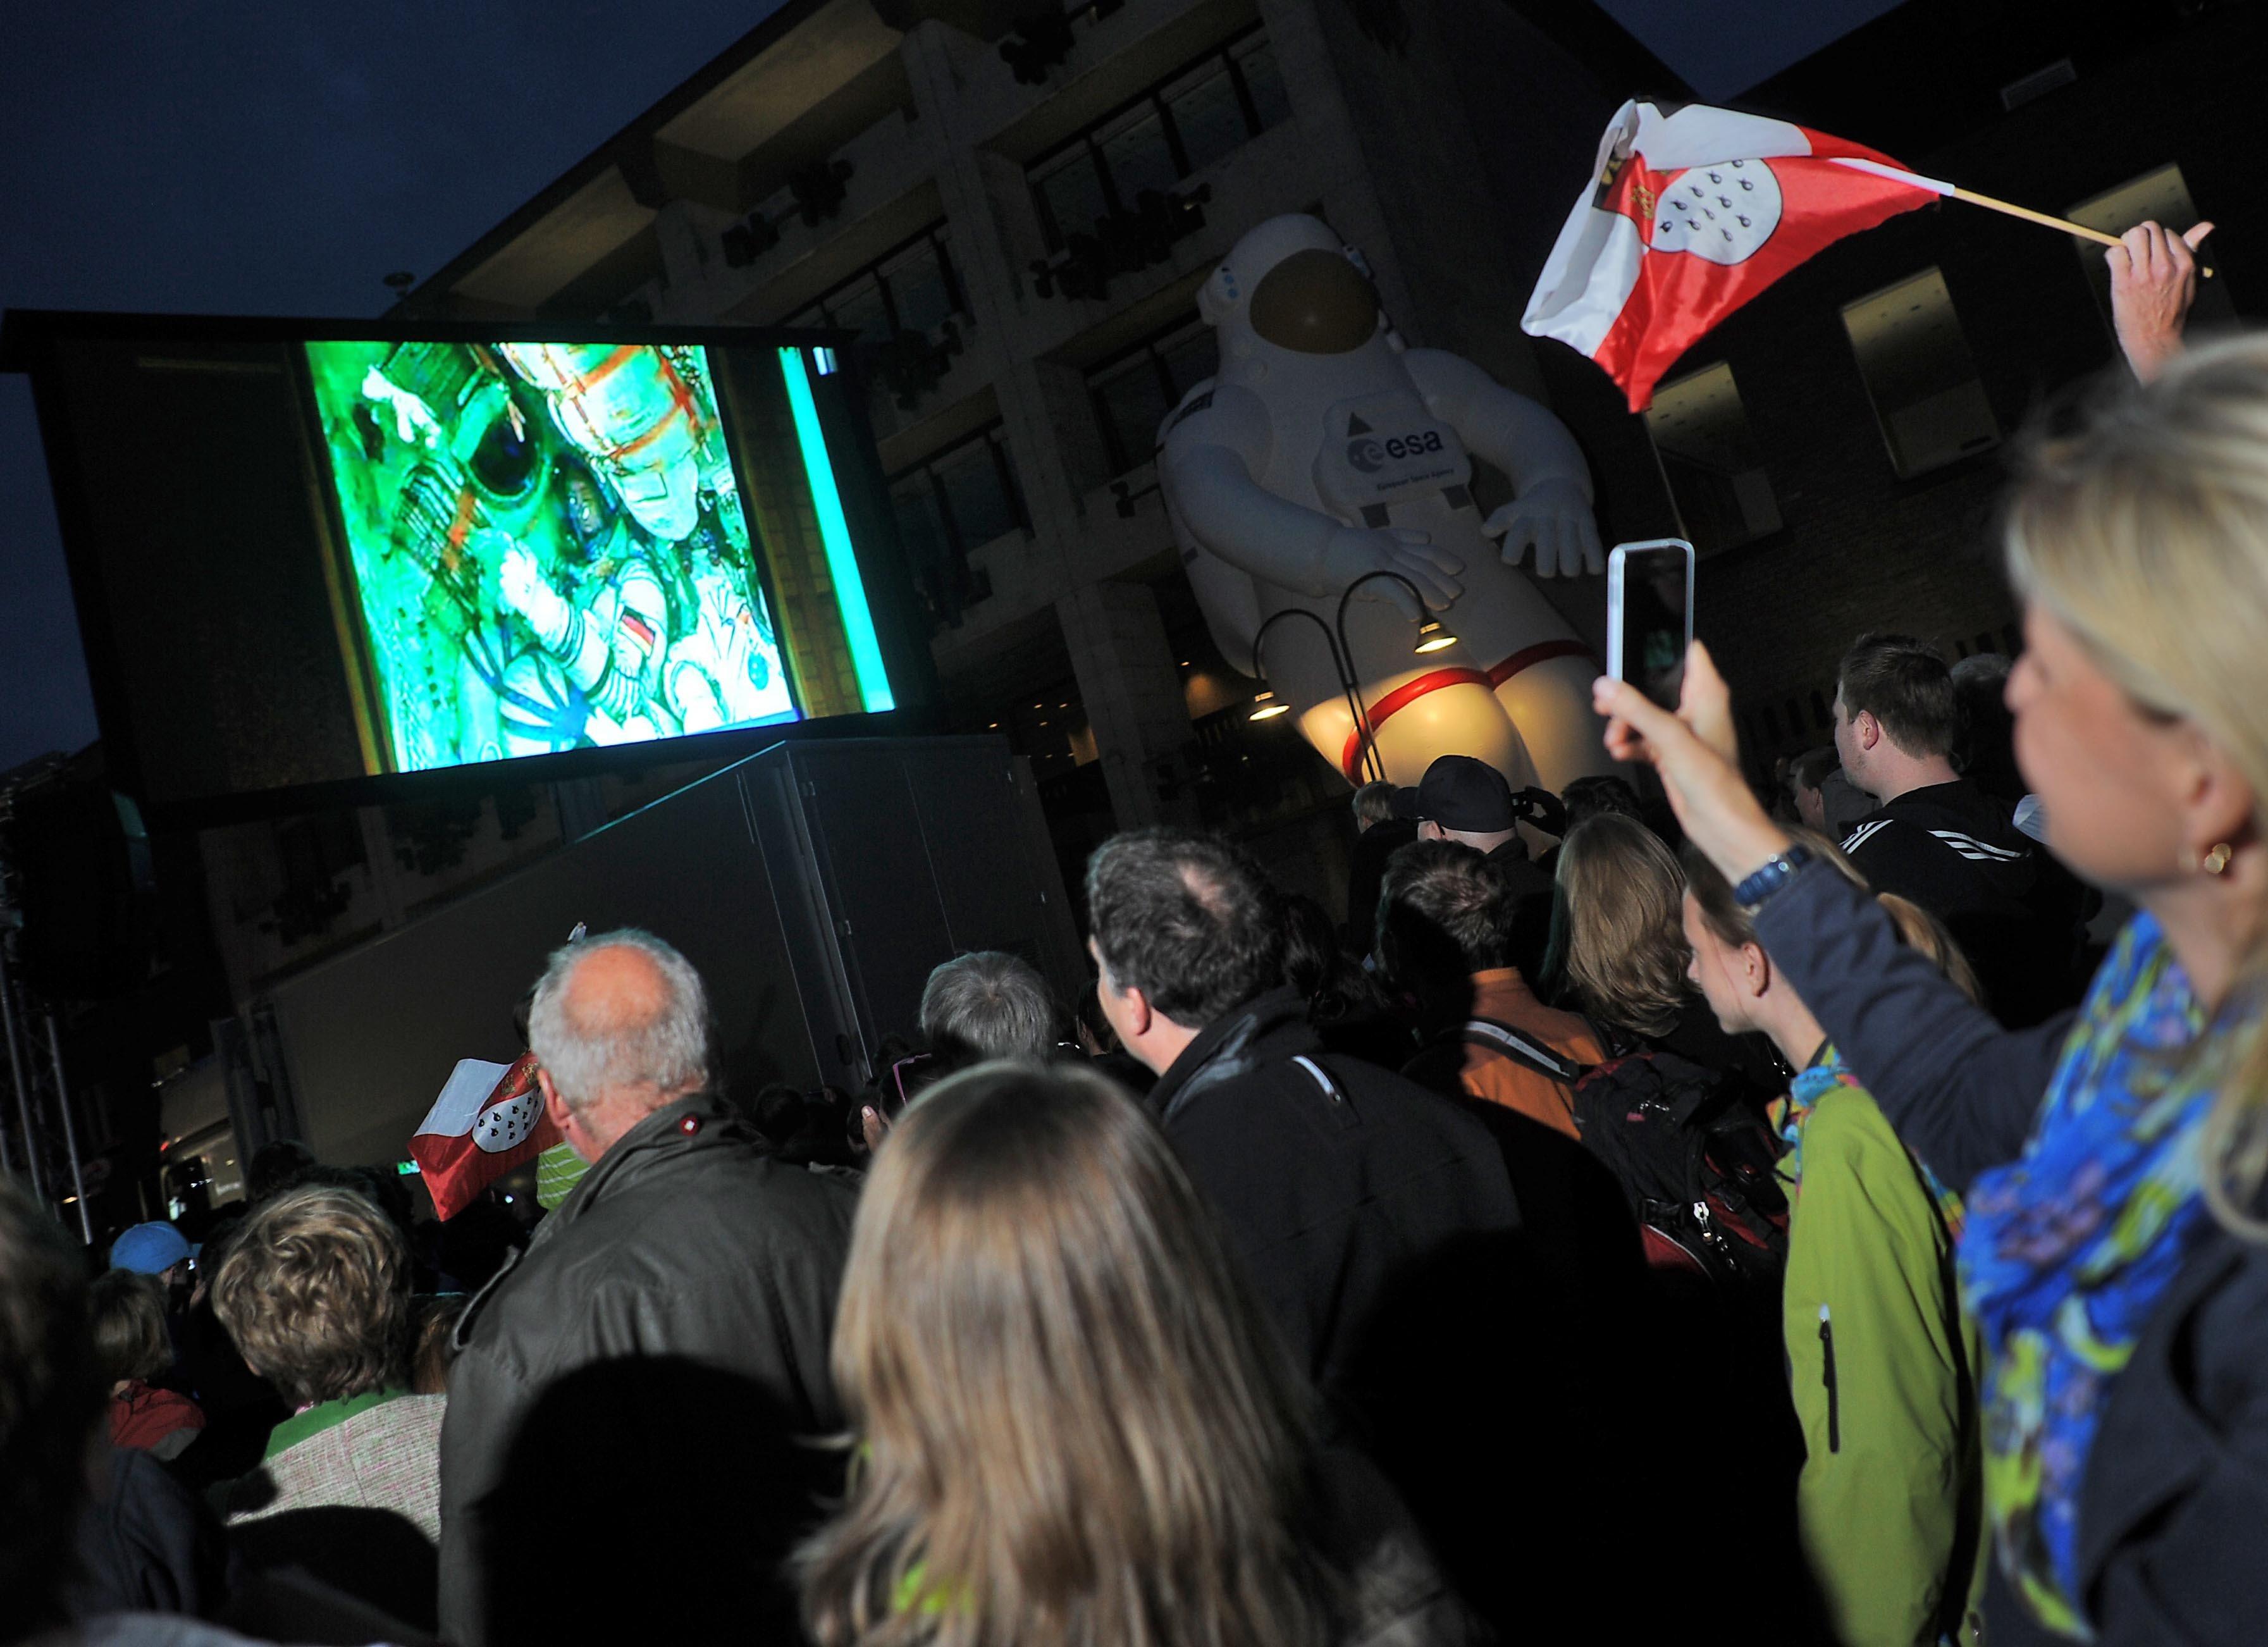 Public Viewing auf dem Alter Markt in Köln zum Start des Kölner Astronauten Alexander Gerst zur ISS: Per Video-Leinwand und Liveübertragung grüßte Gerst die Kölner Zuschauer vor dem Start aus Baikonur.